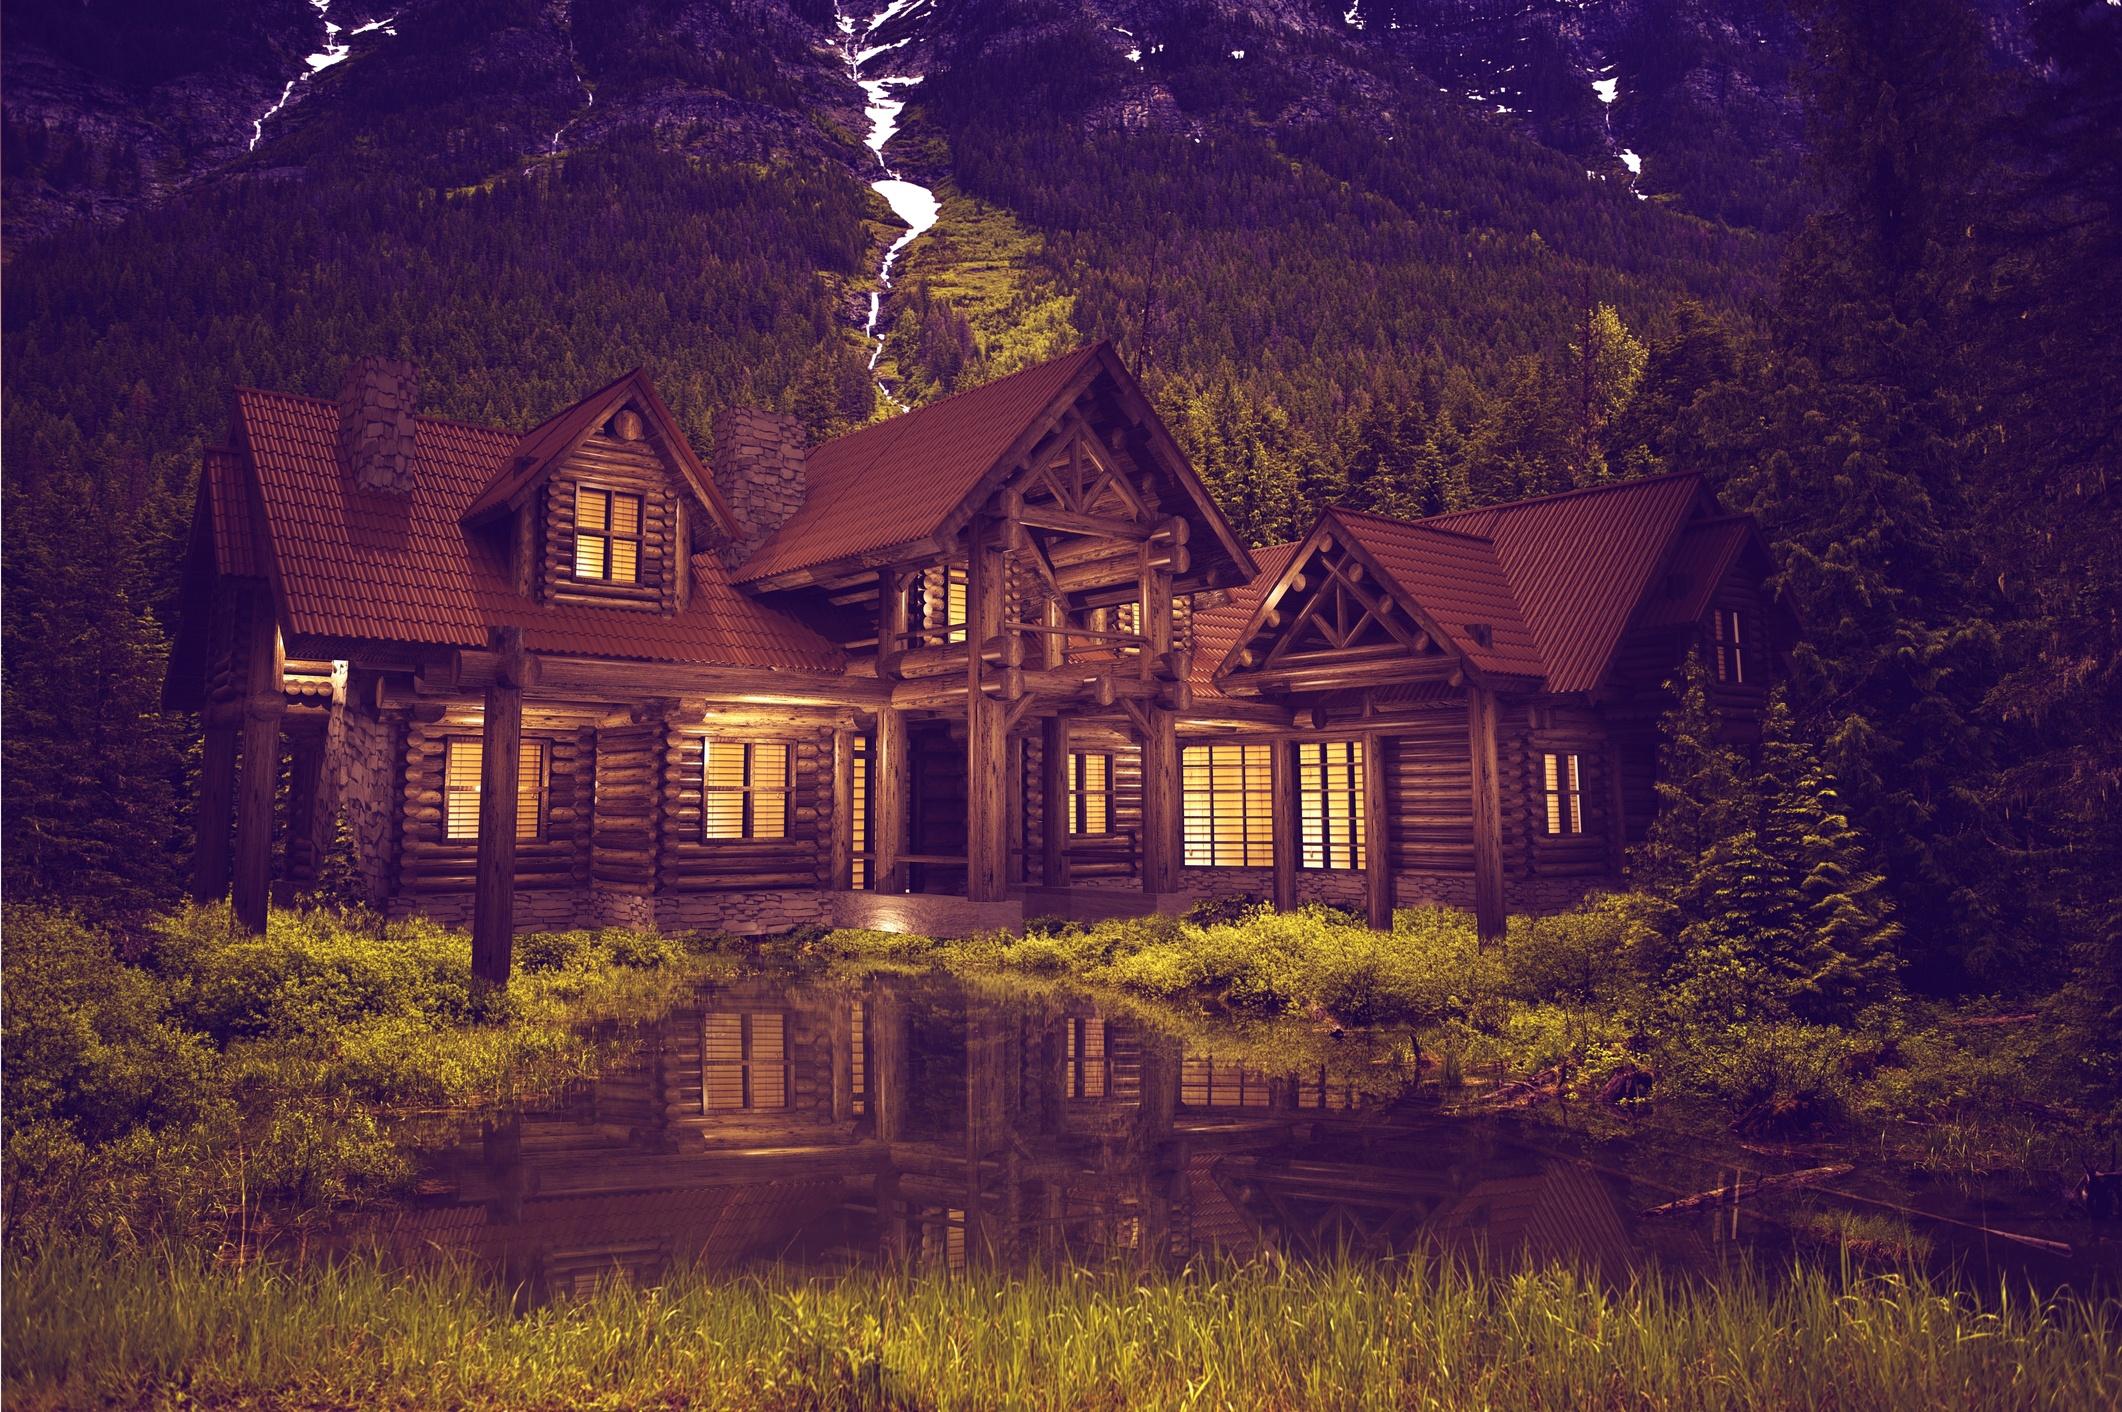 dreamstime_m_38800472.jpg